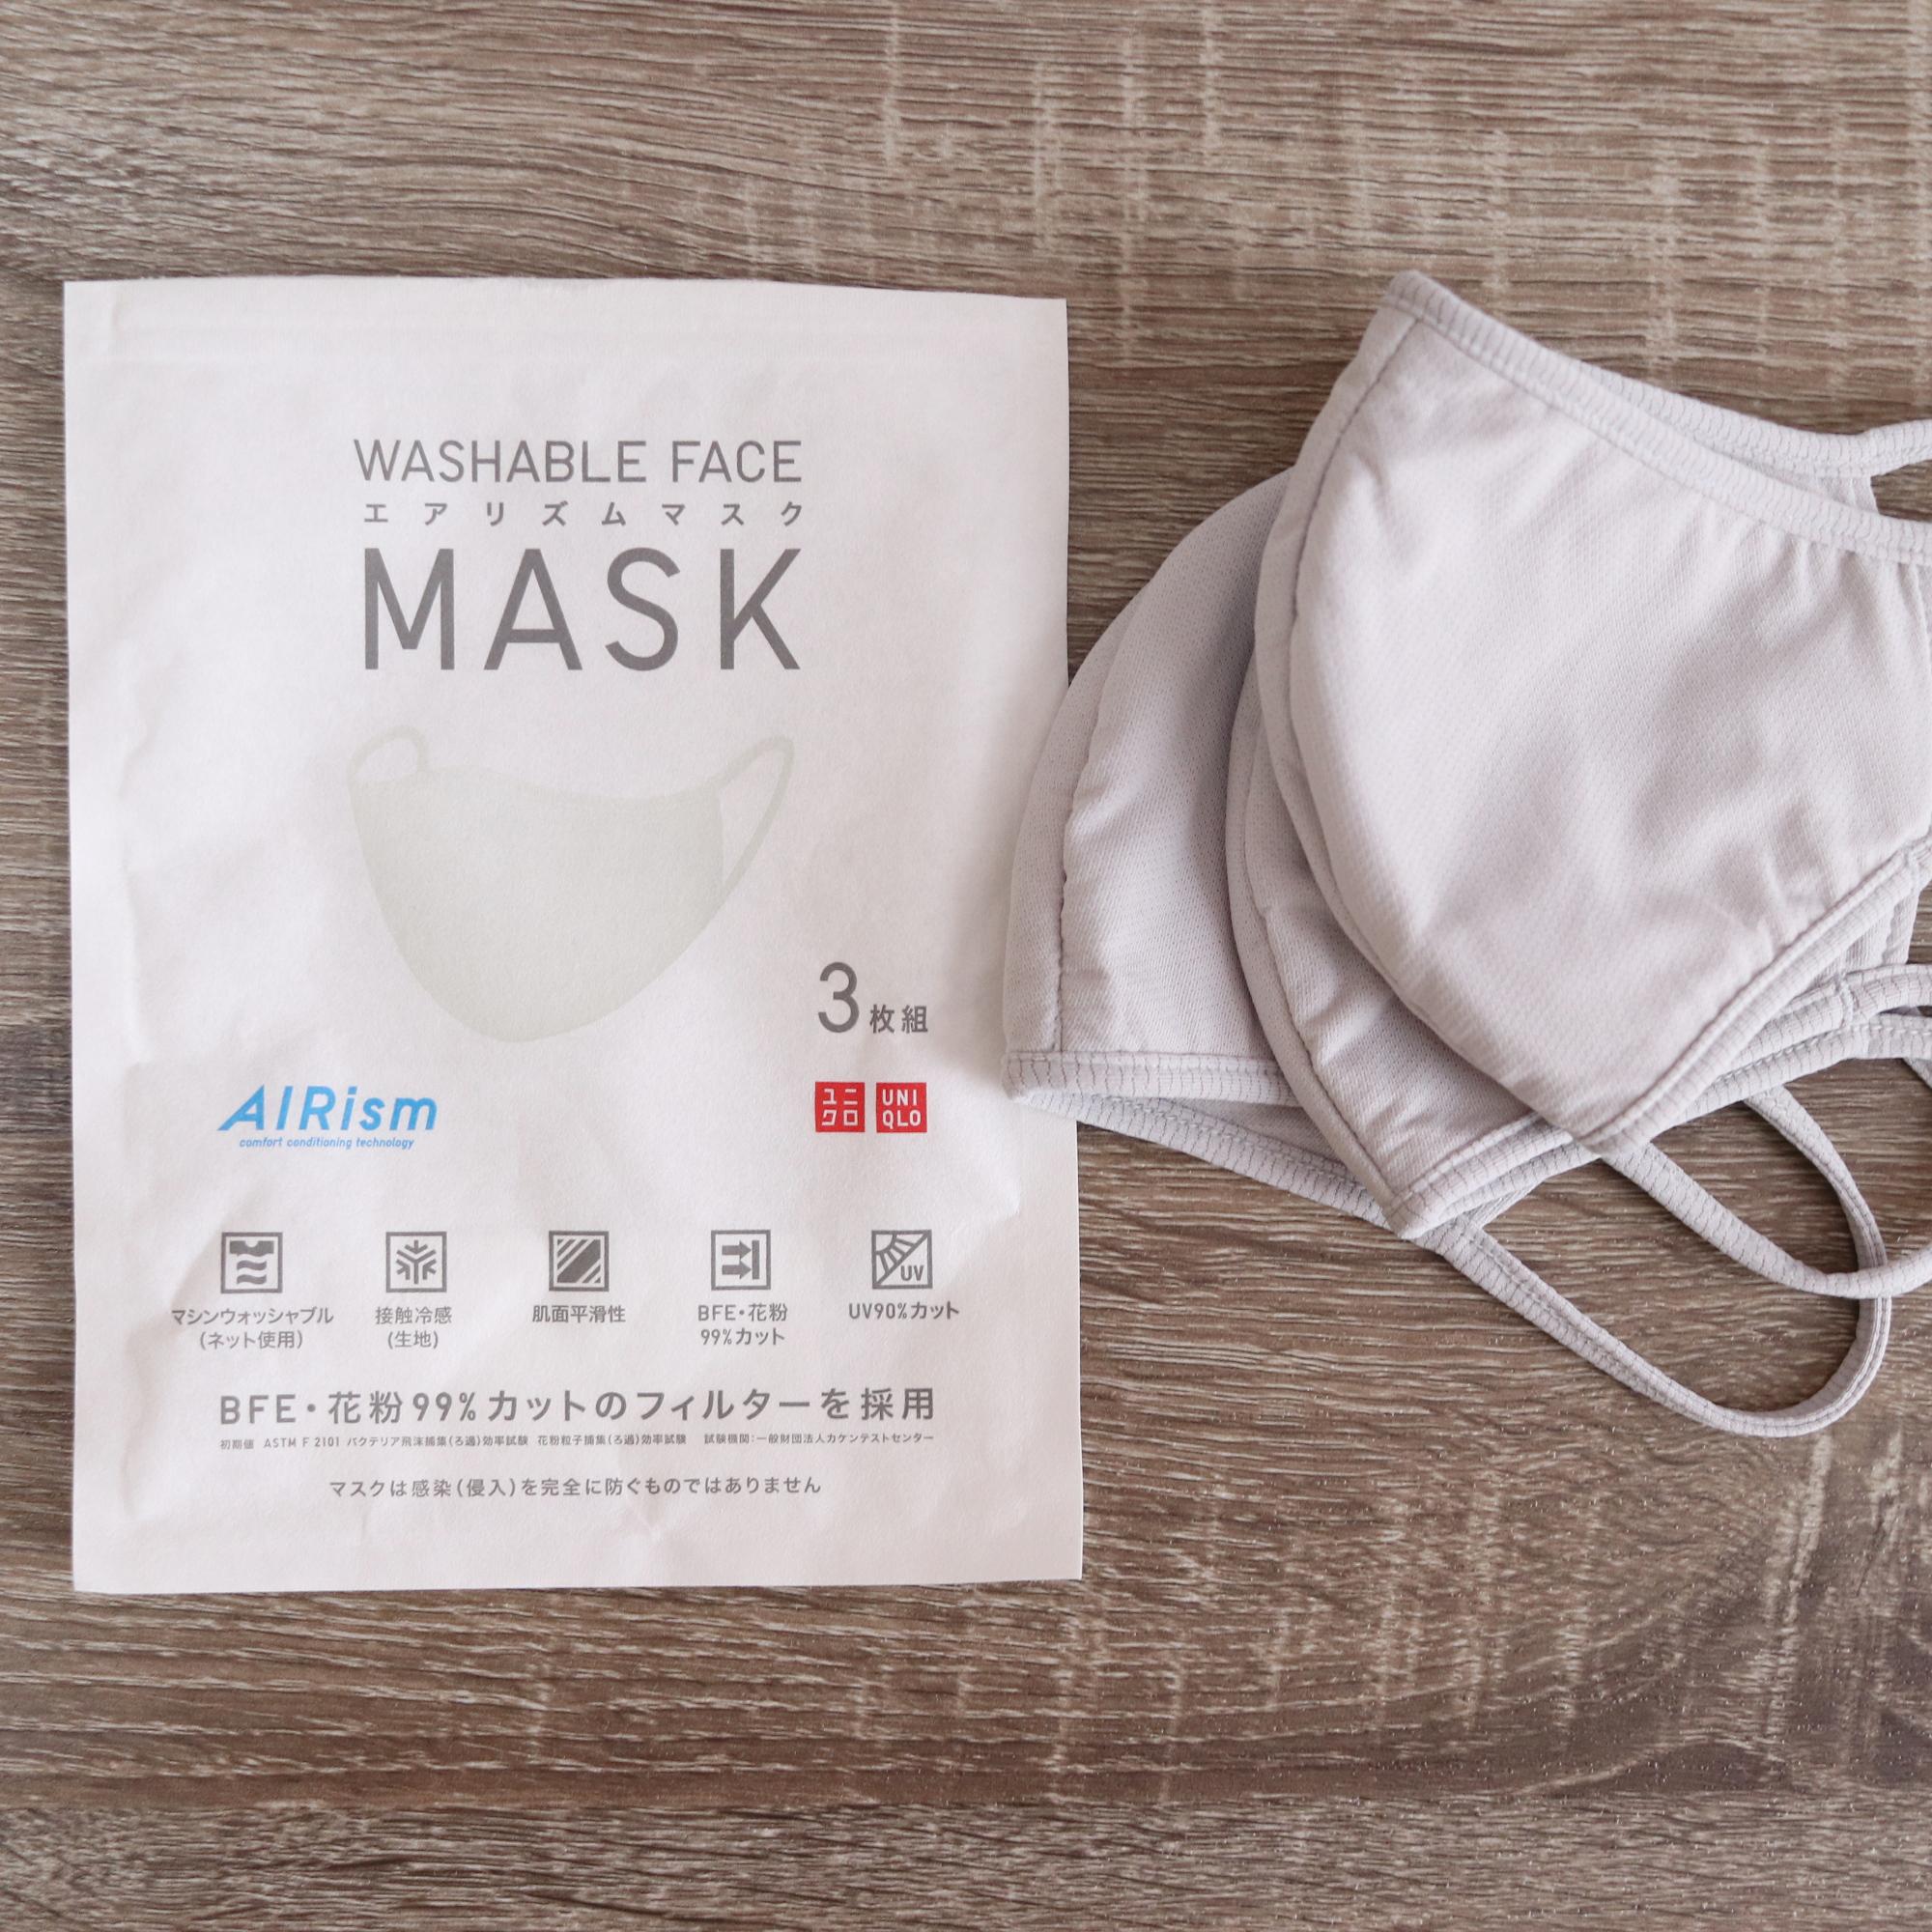 息苦しい エア リズム マスク